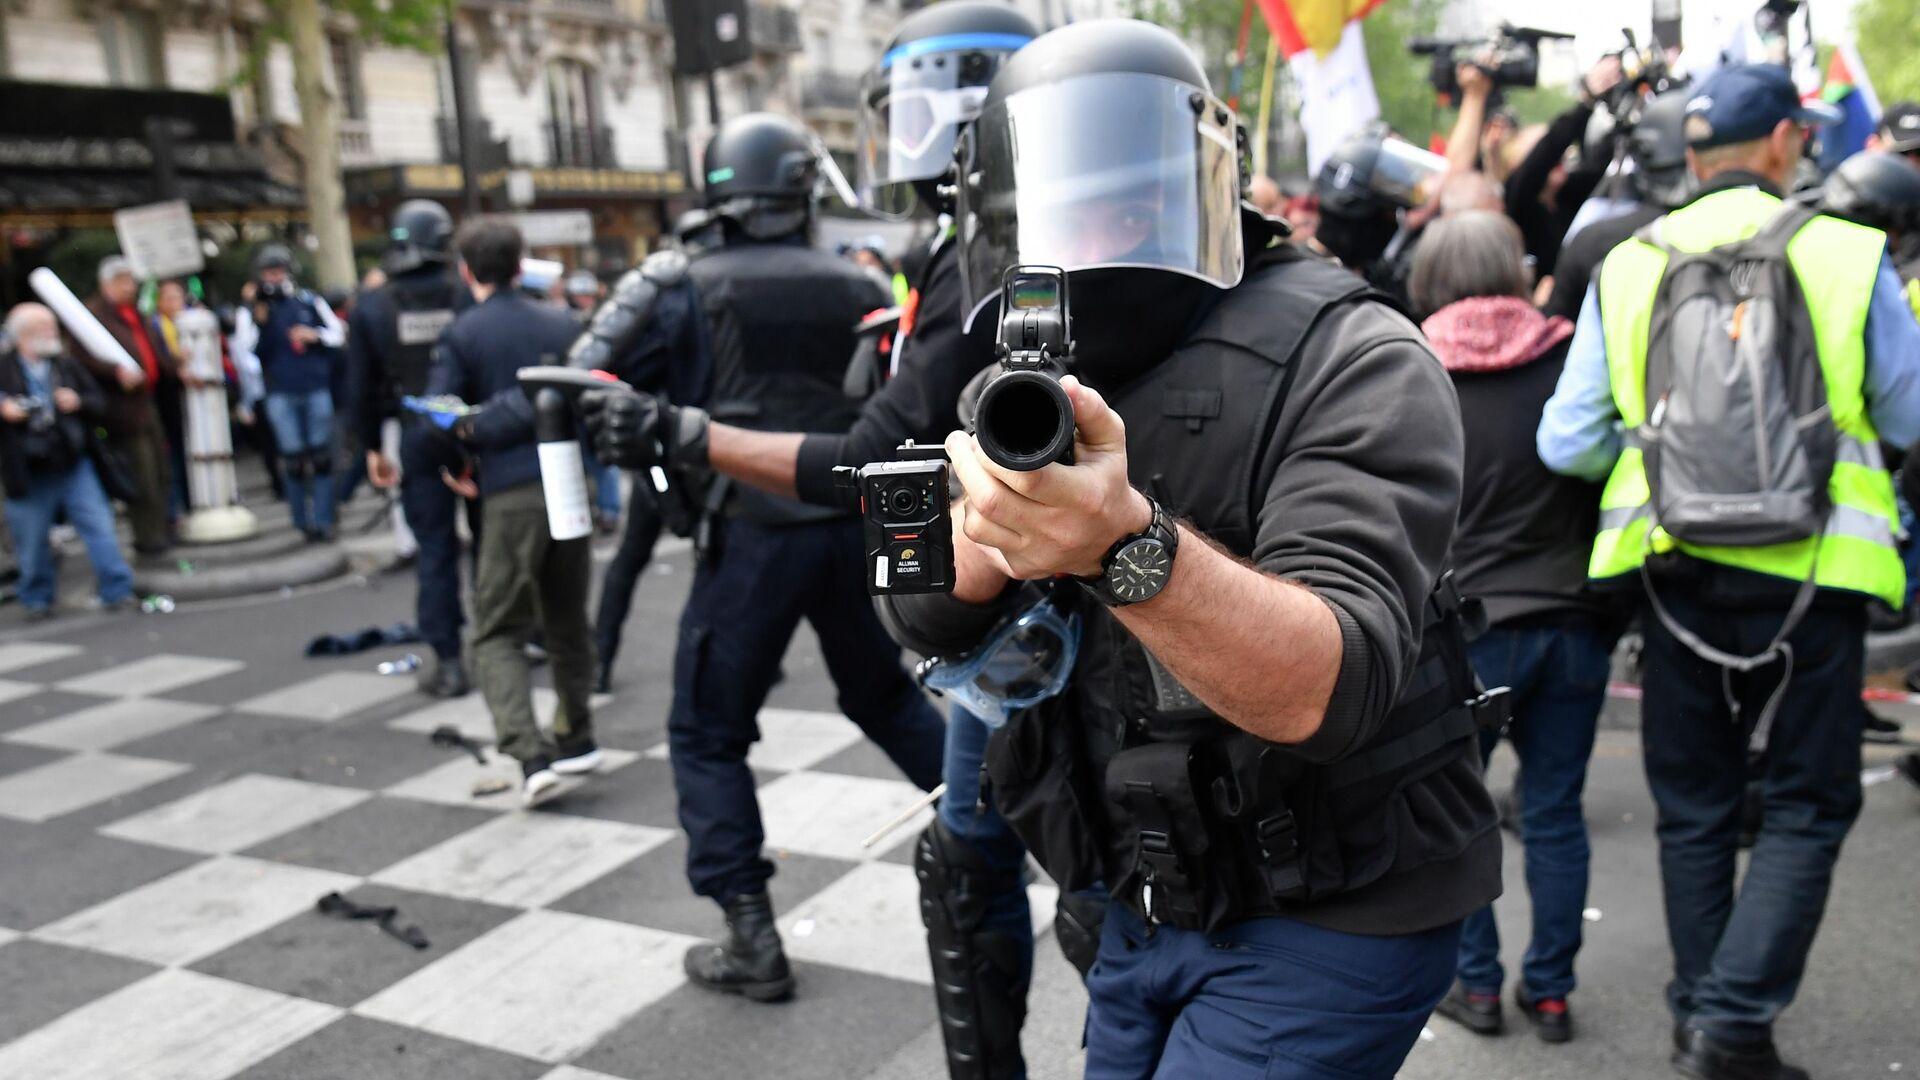 Полицейские во время уличных беспорядков в Париже - РИА Новости, 1920, 30.11.2020